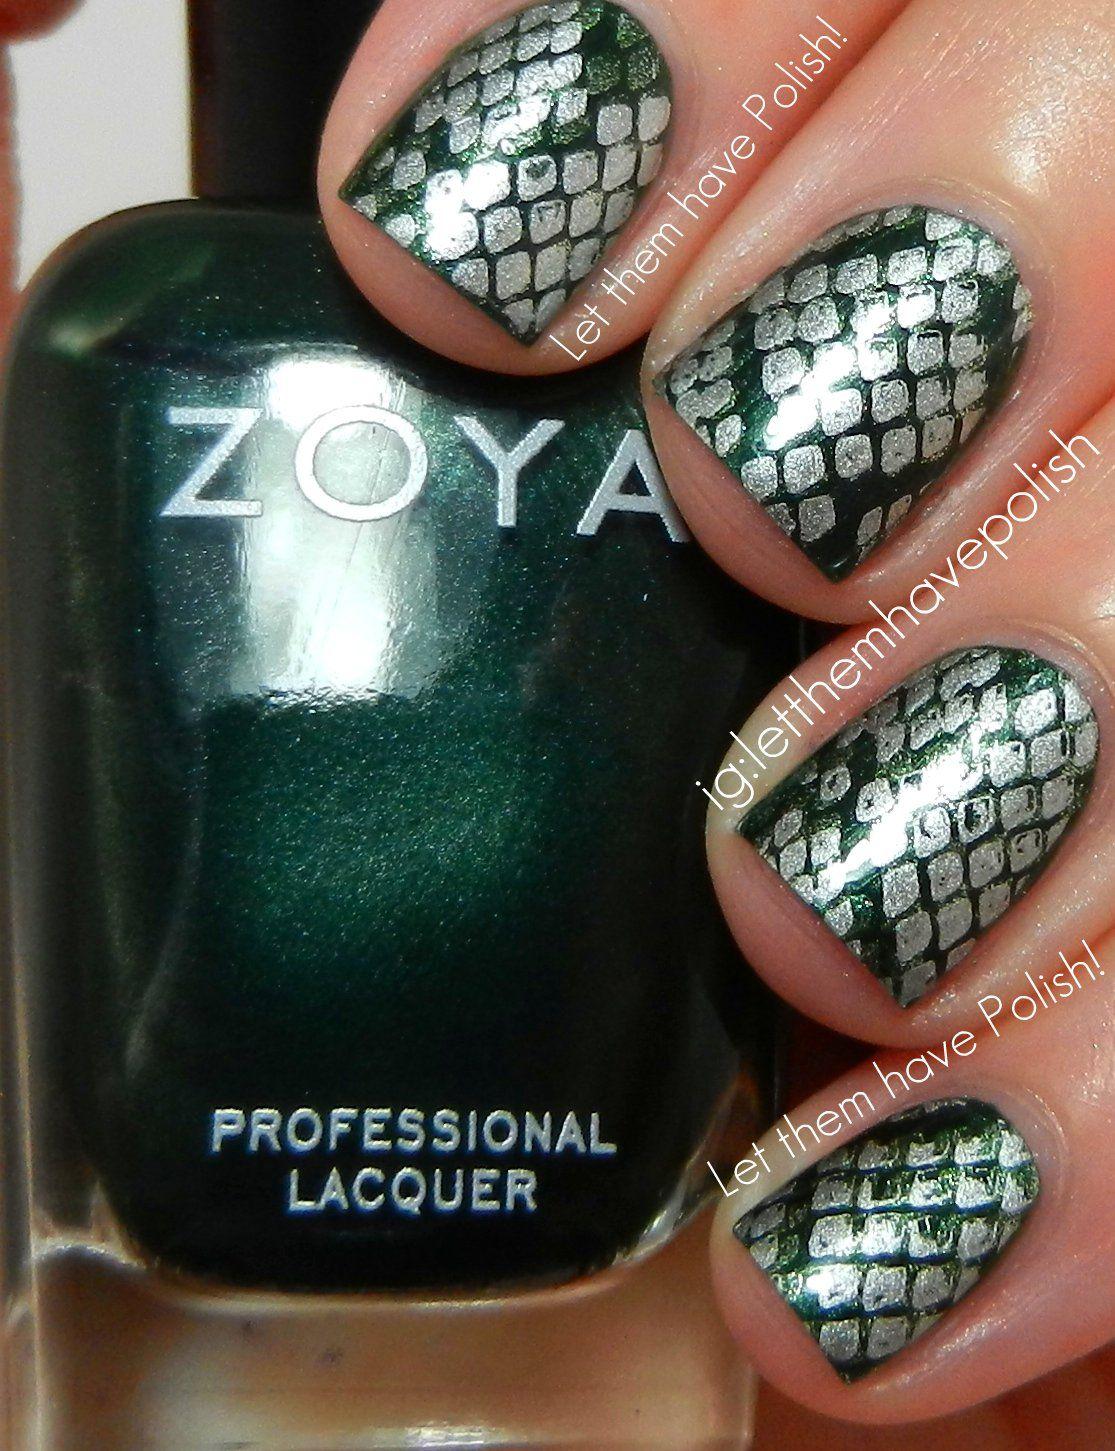 slytherin nails: zoya ray, zoya meg, sally hansen silver sweep